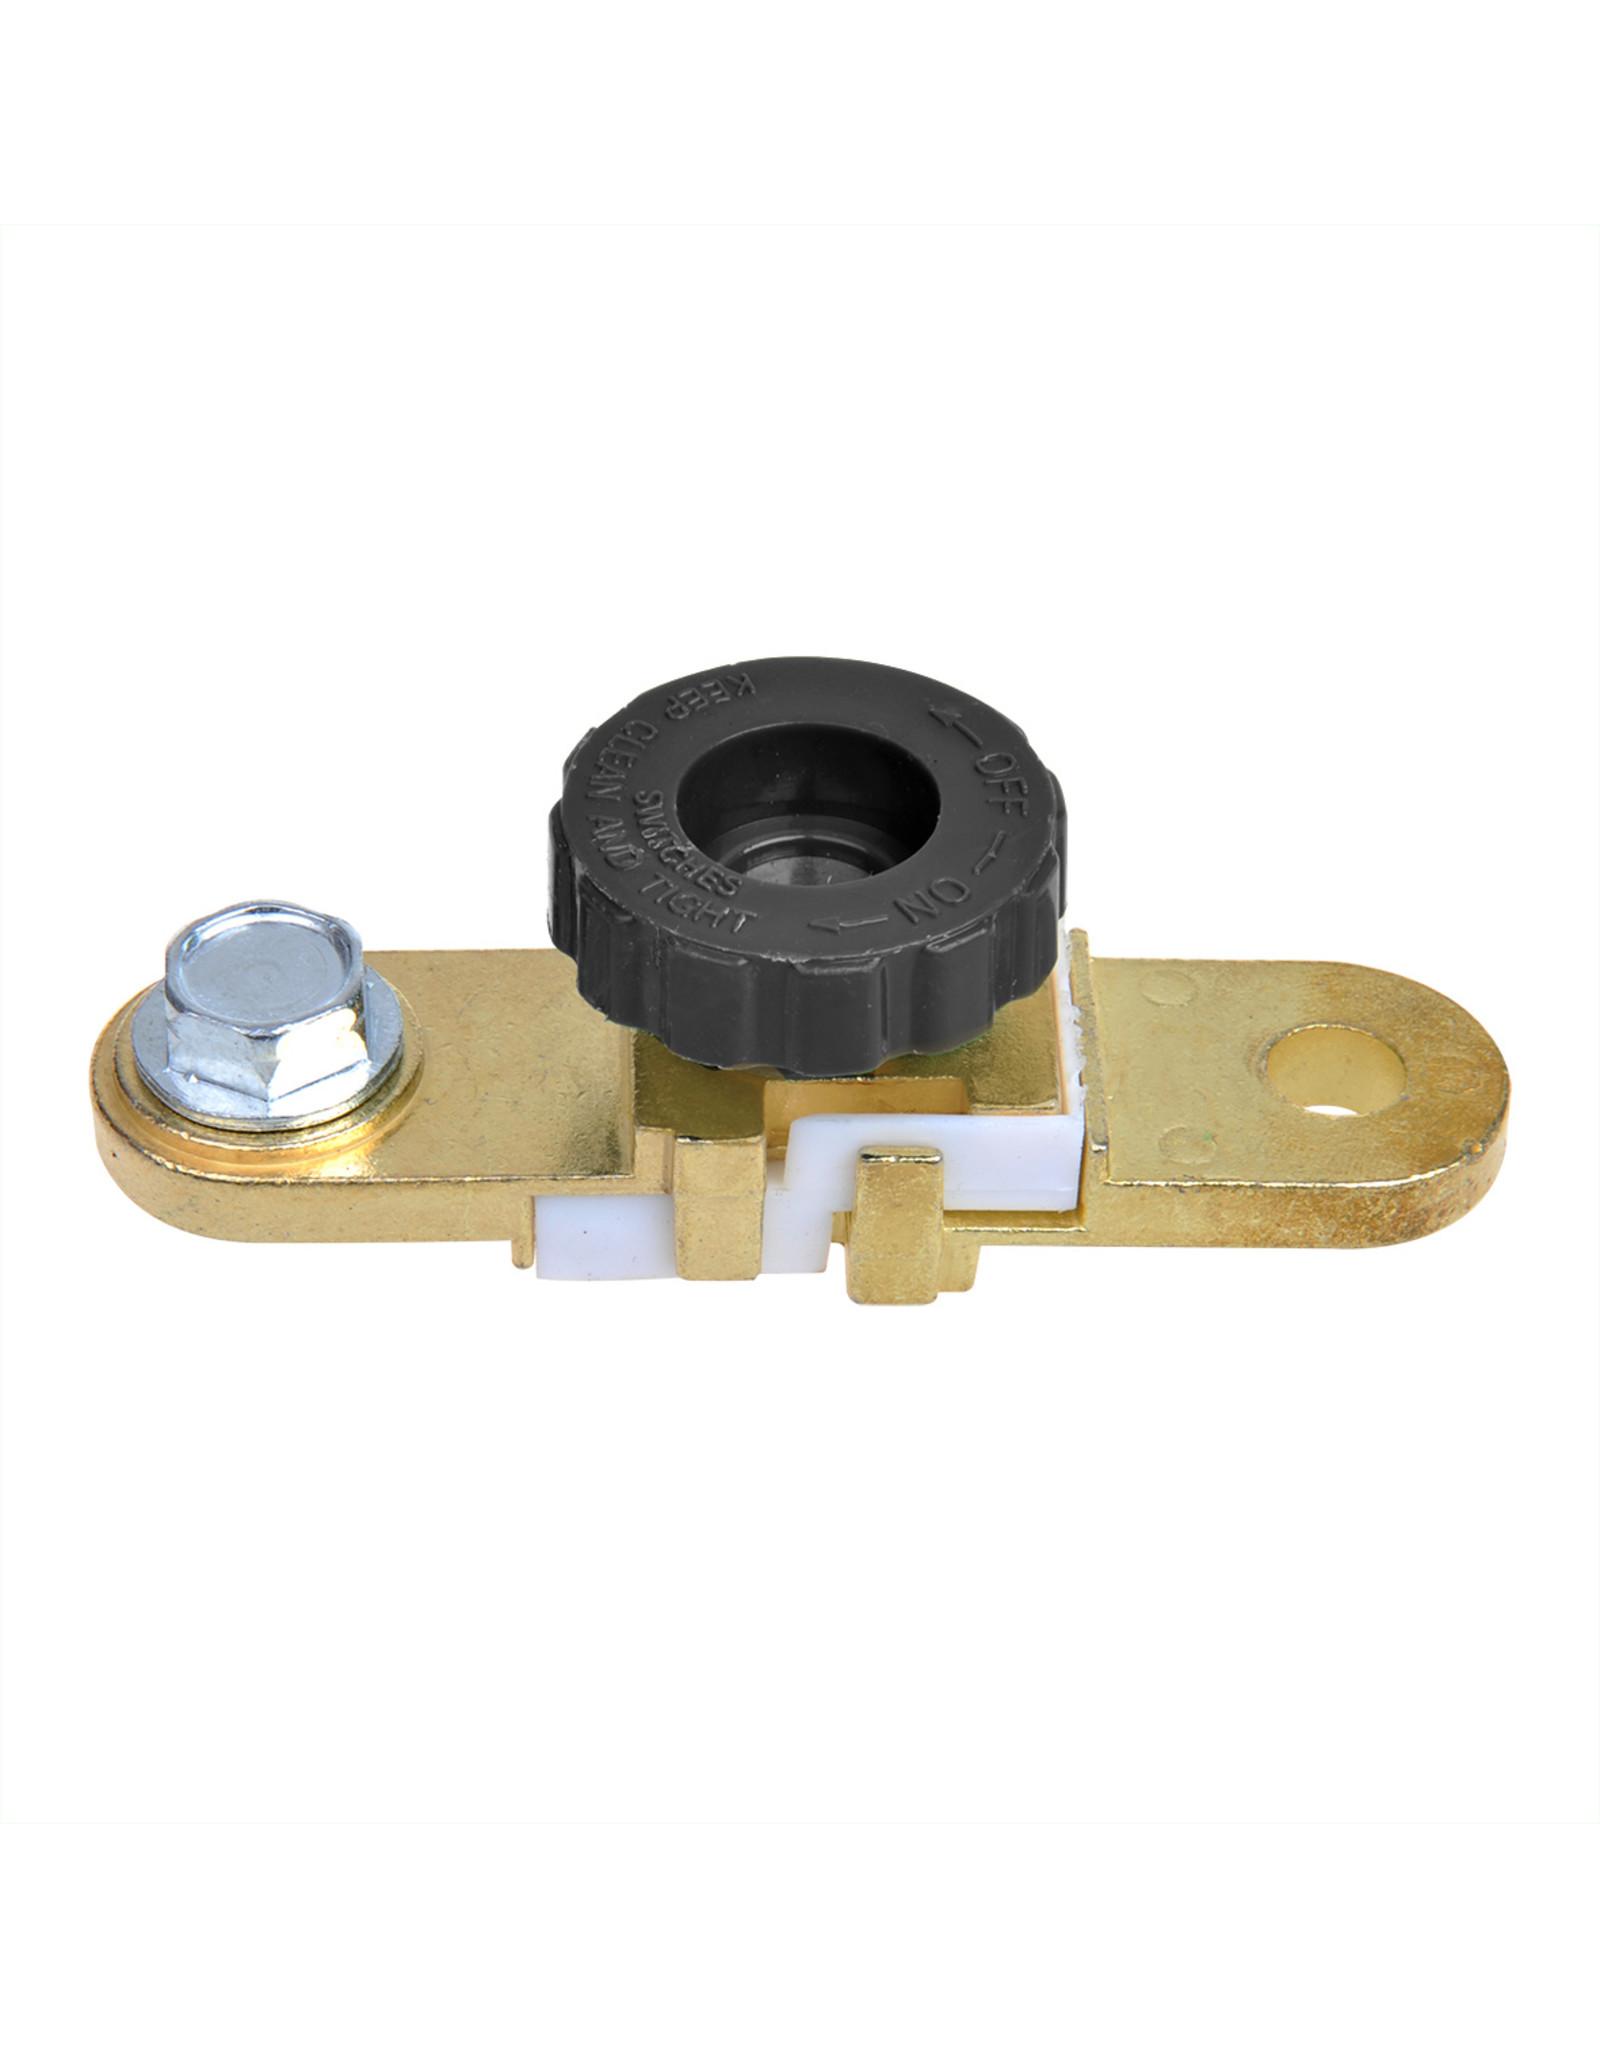 Accupoolklem (-) met stroomonderbreker plat